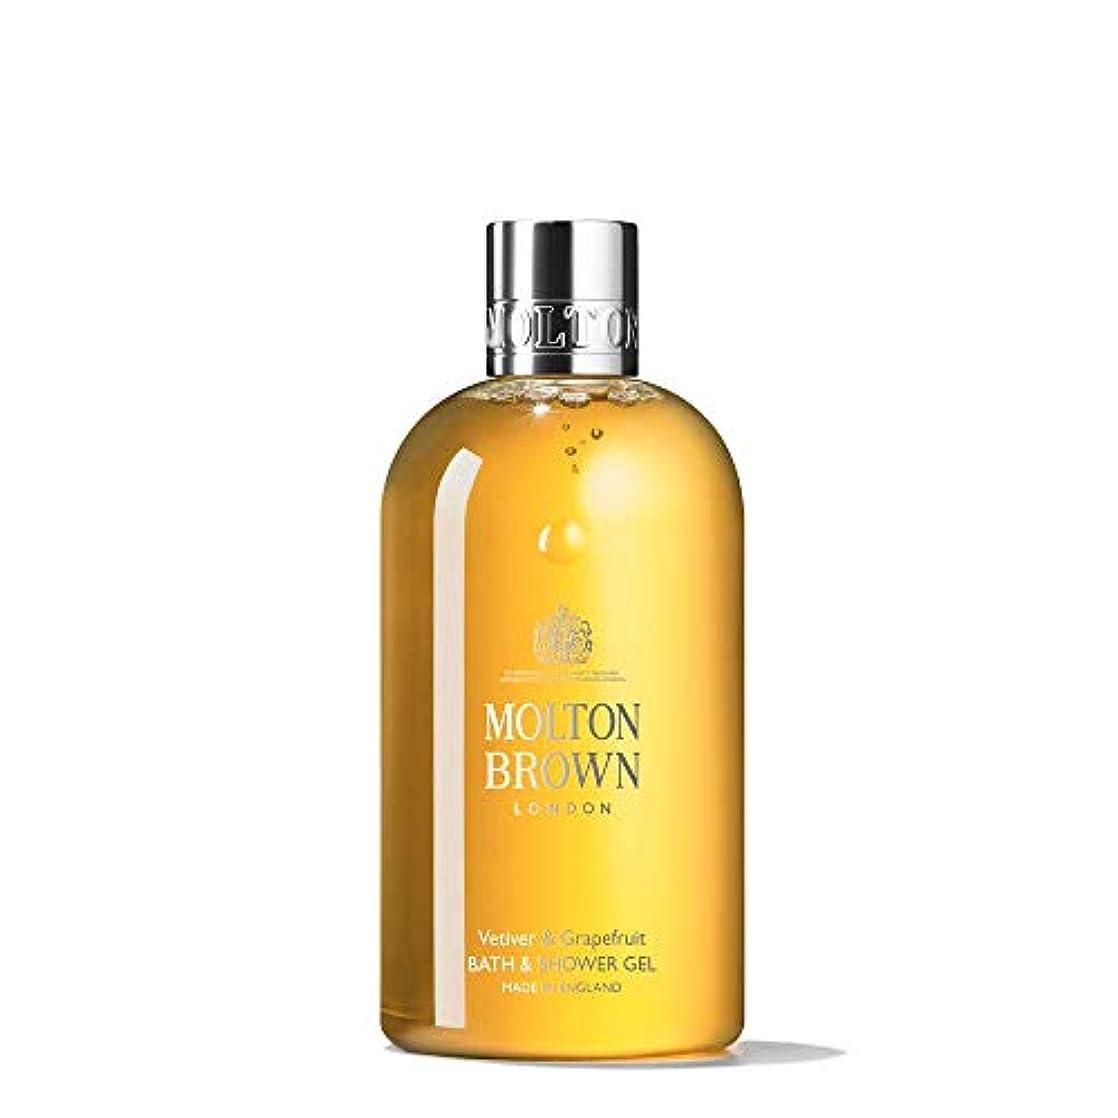 凍る百万名詞MOLTON BROWN(モルトンブラウン) ベチバー&グレープフルーツ コレクション V&G バス&シャワージェル